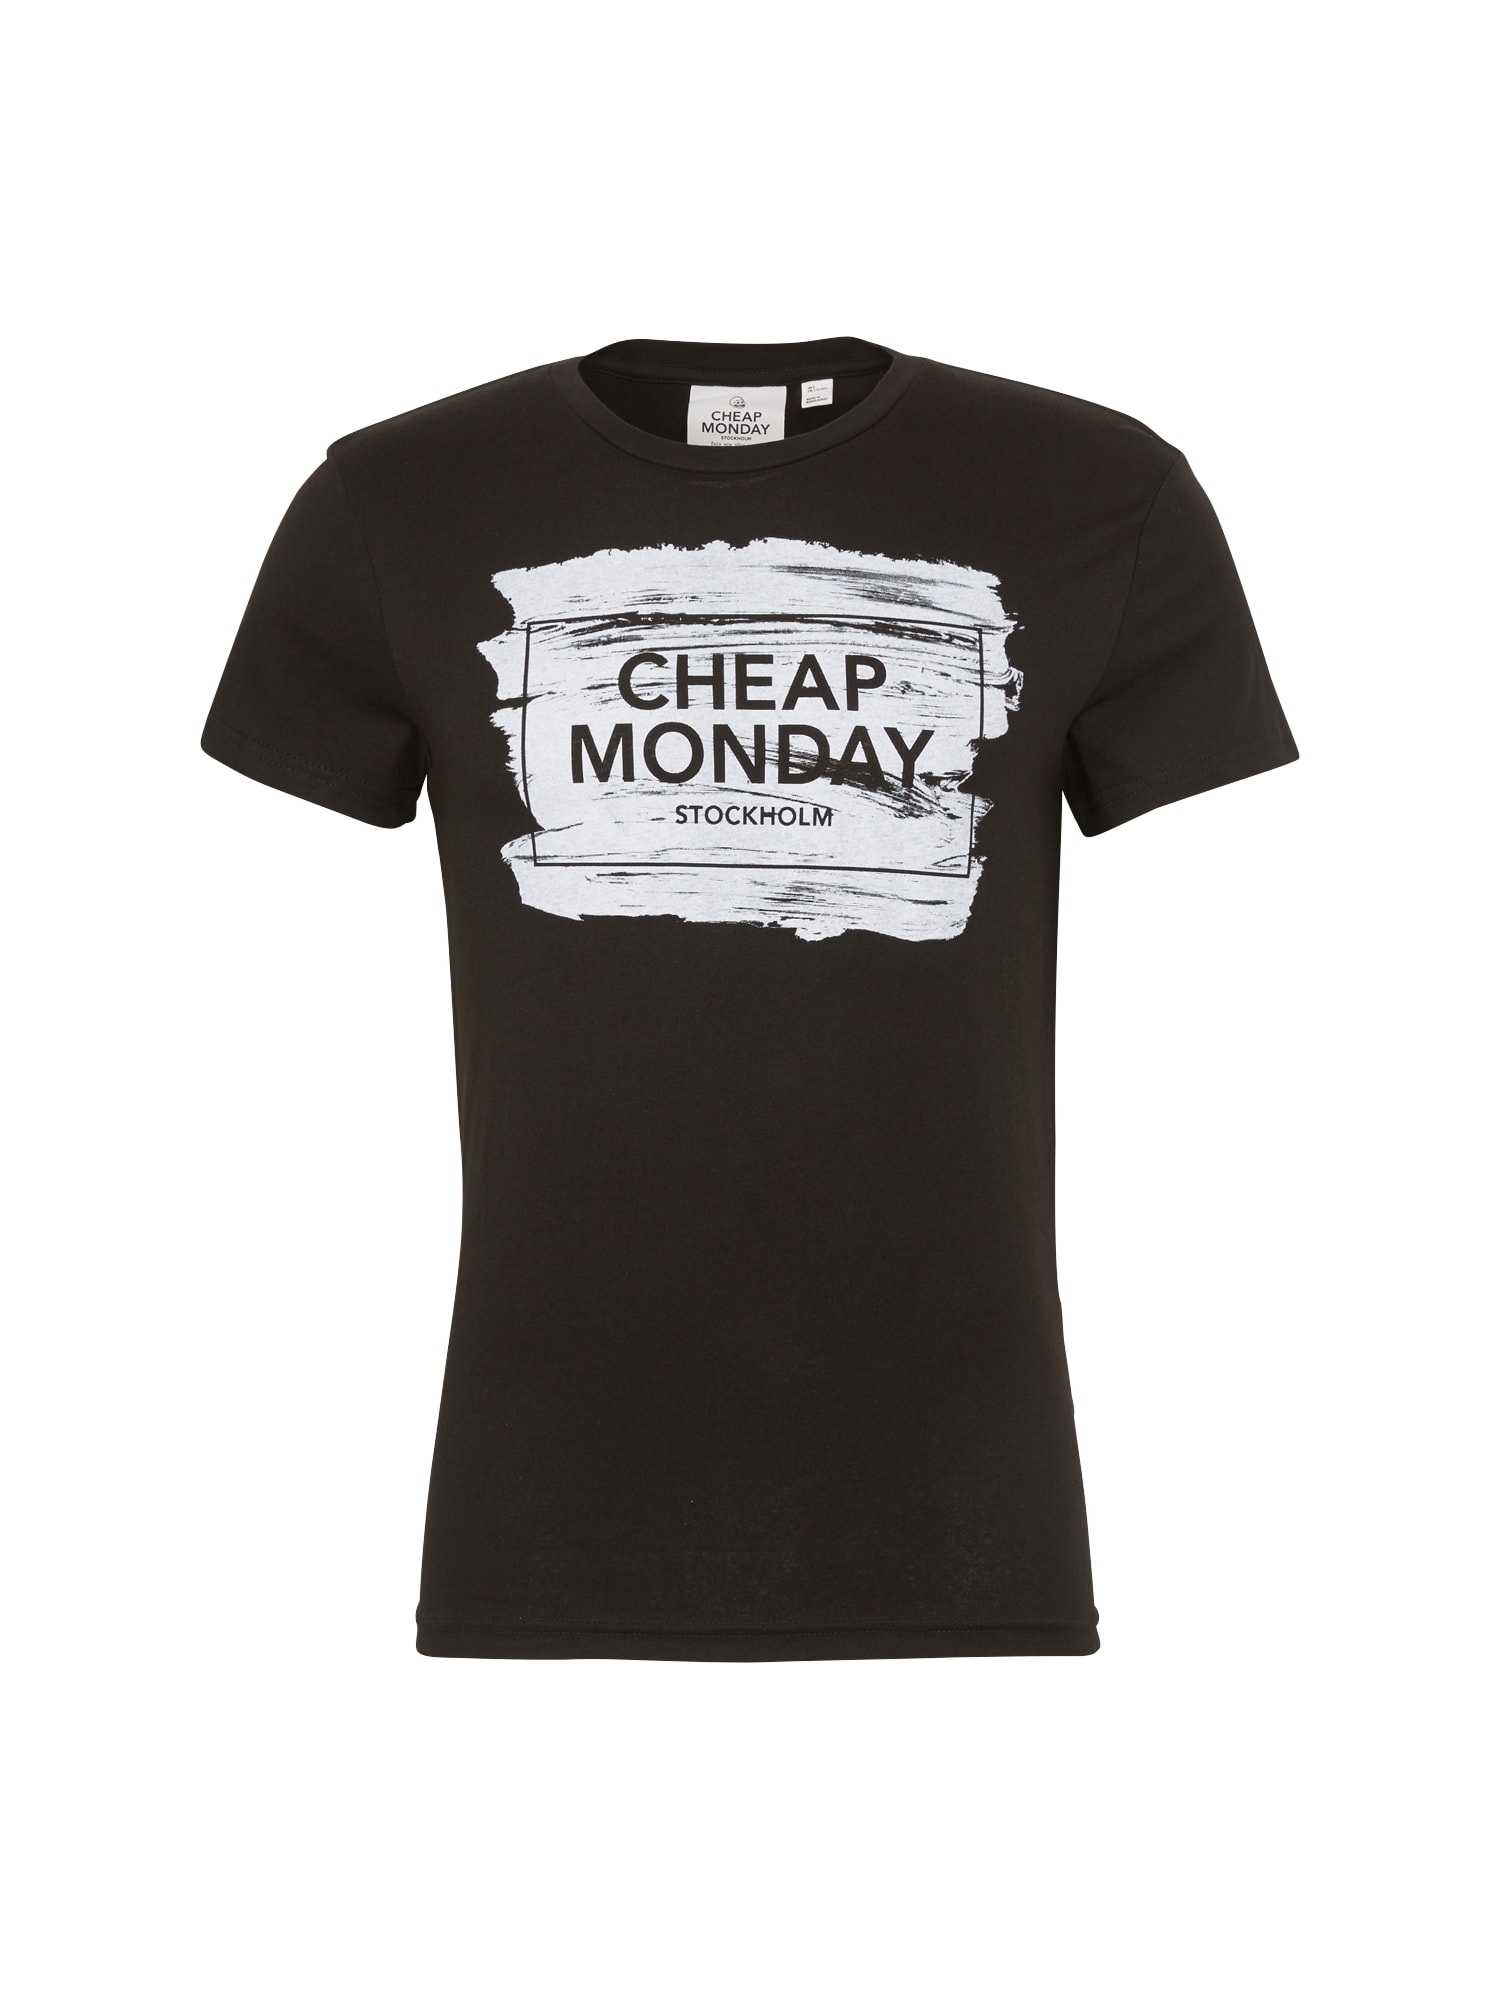 CHEAP MONDAY Heren Shirt Standard tee Paint box zwart wit